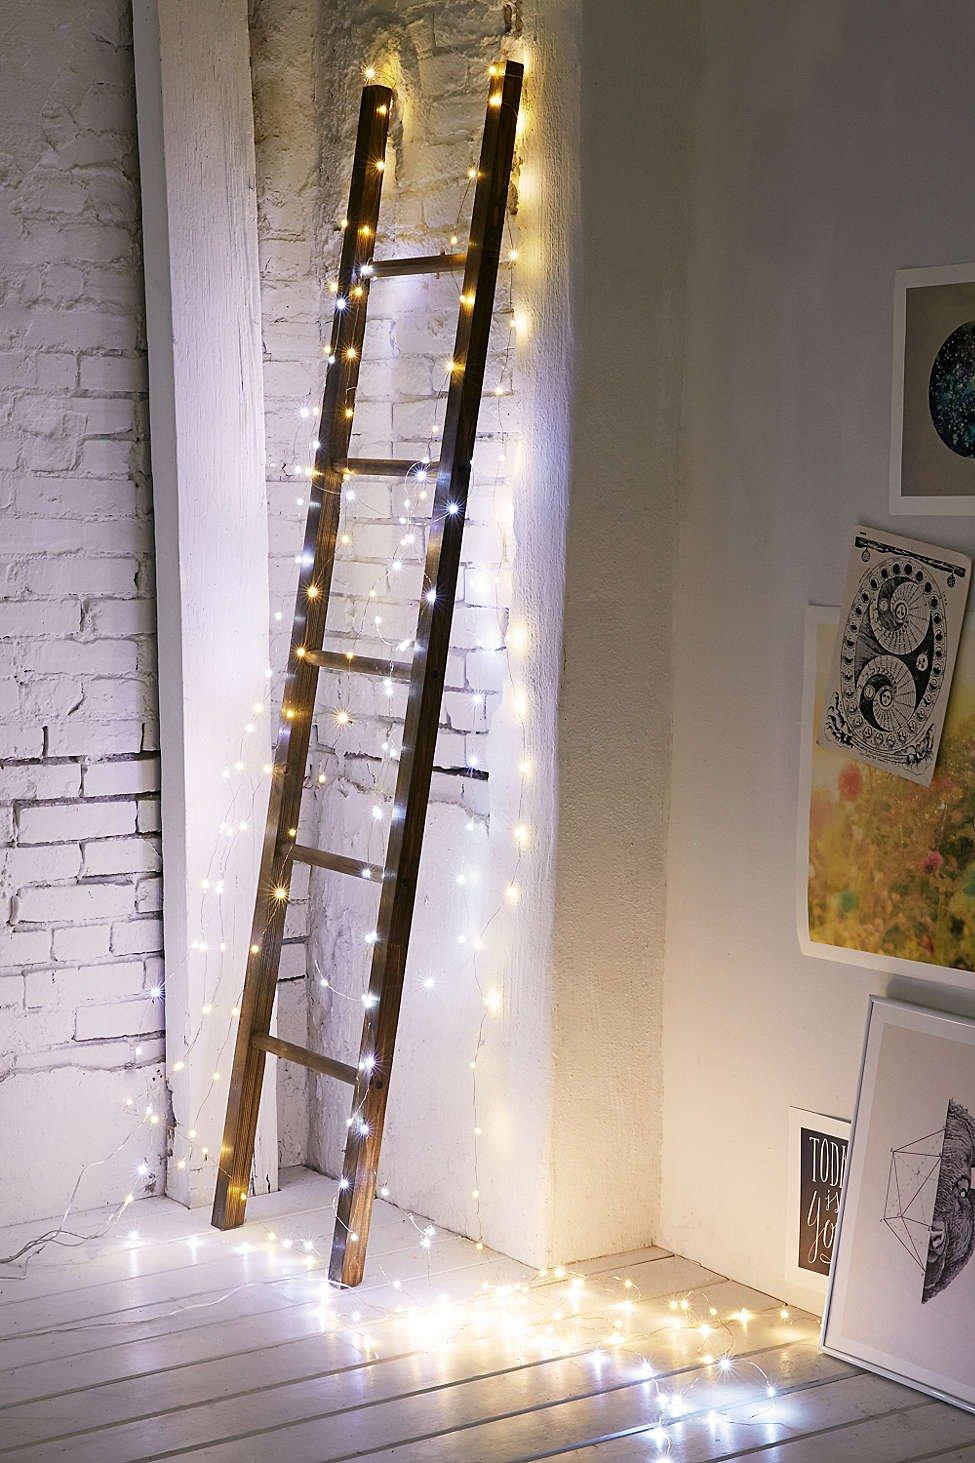 16-ideias-de-decoração-de-natal-com-luzes